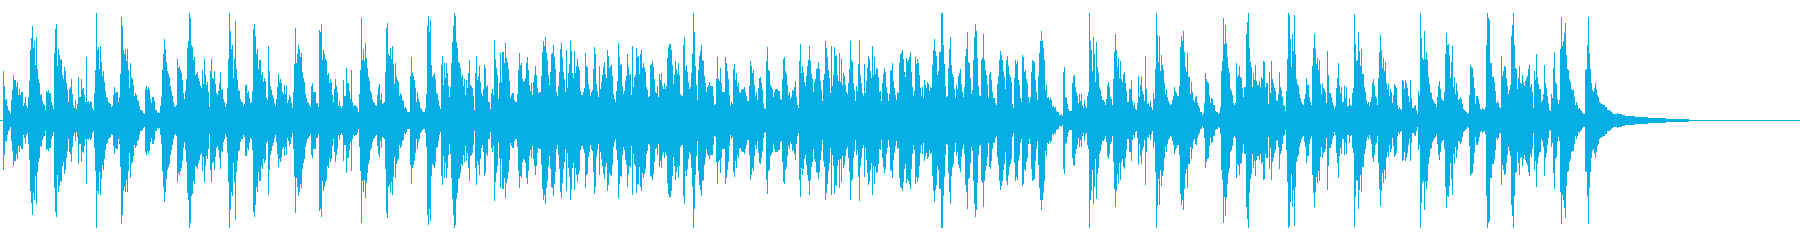 ピチカートで奏でる陽気なジャズBGMの再生済みの波形